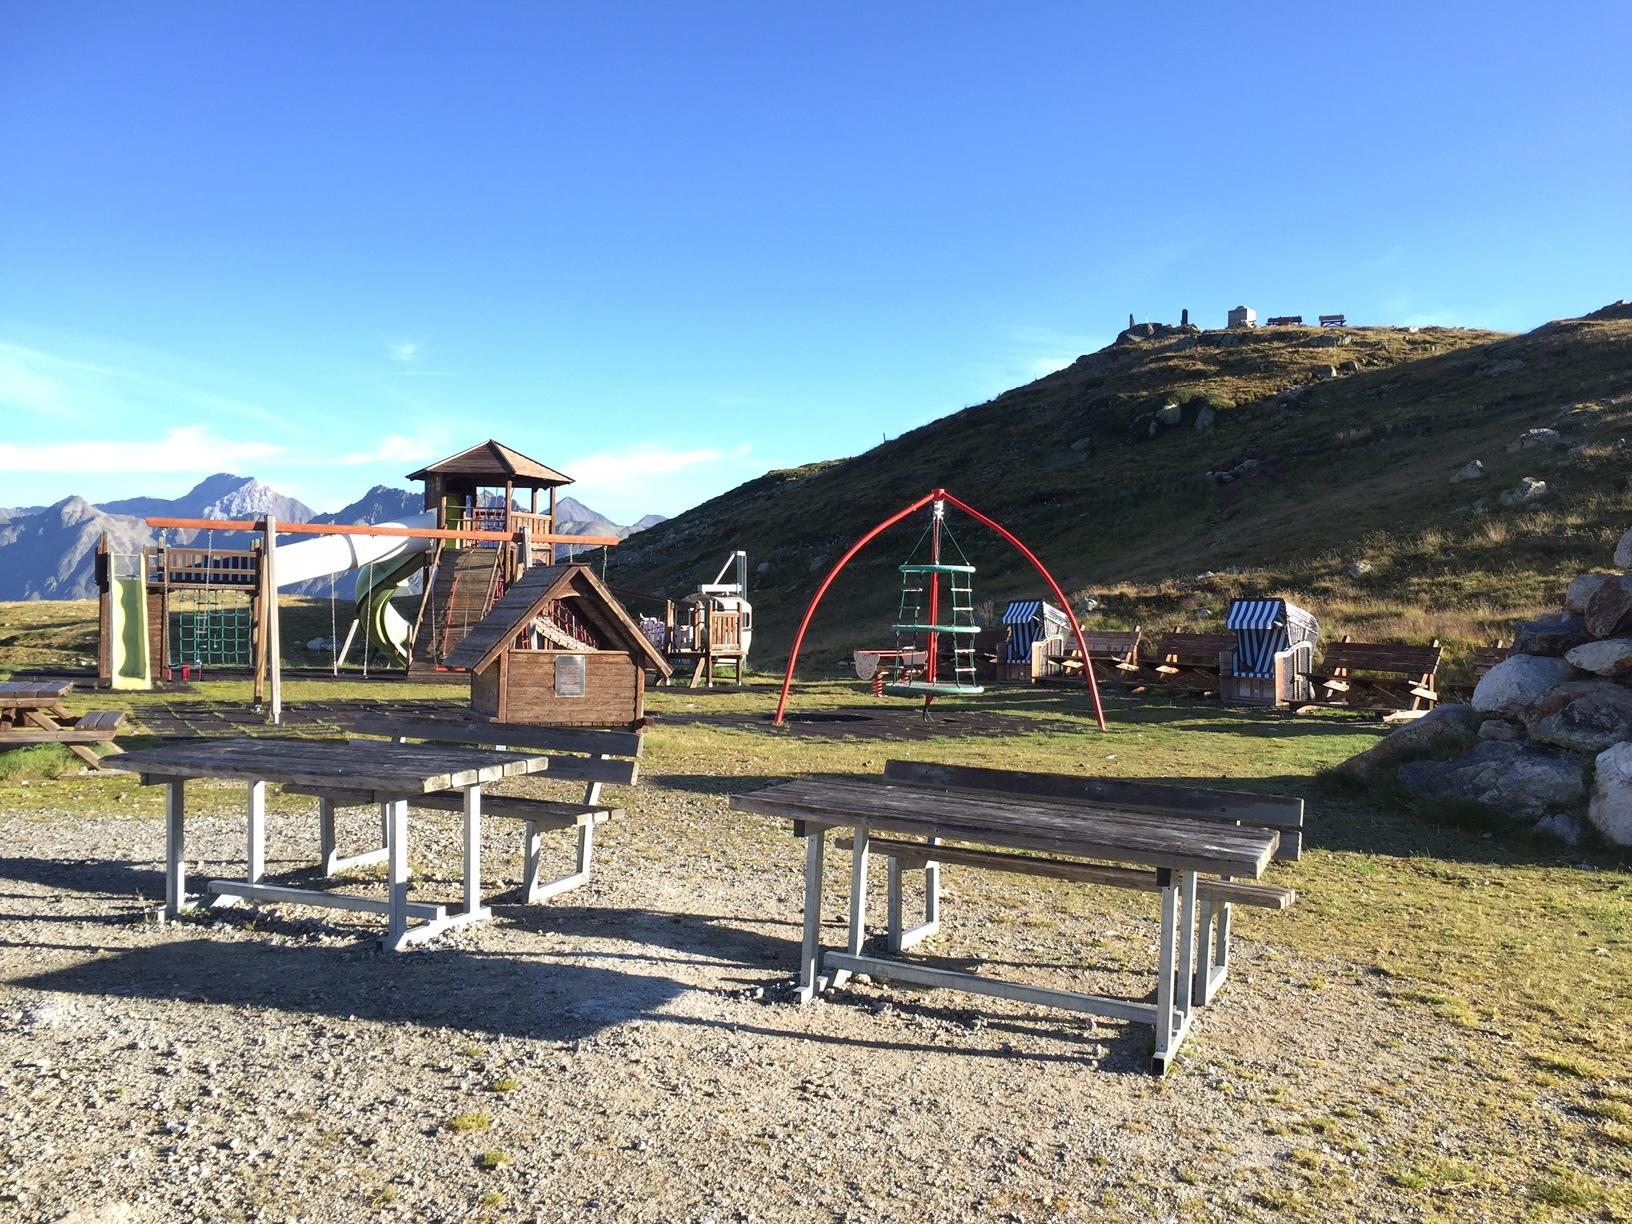 Kinderspielplatz Muottas Muragl Slide 5